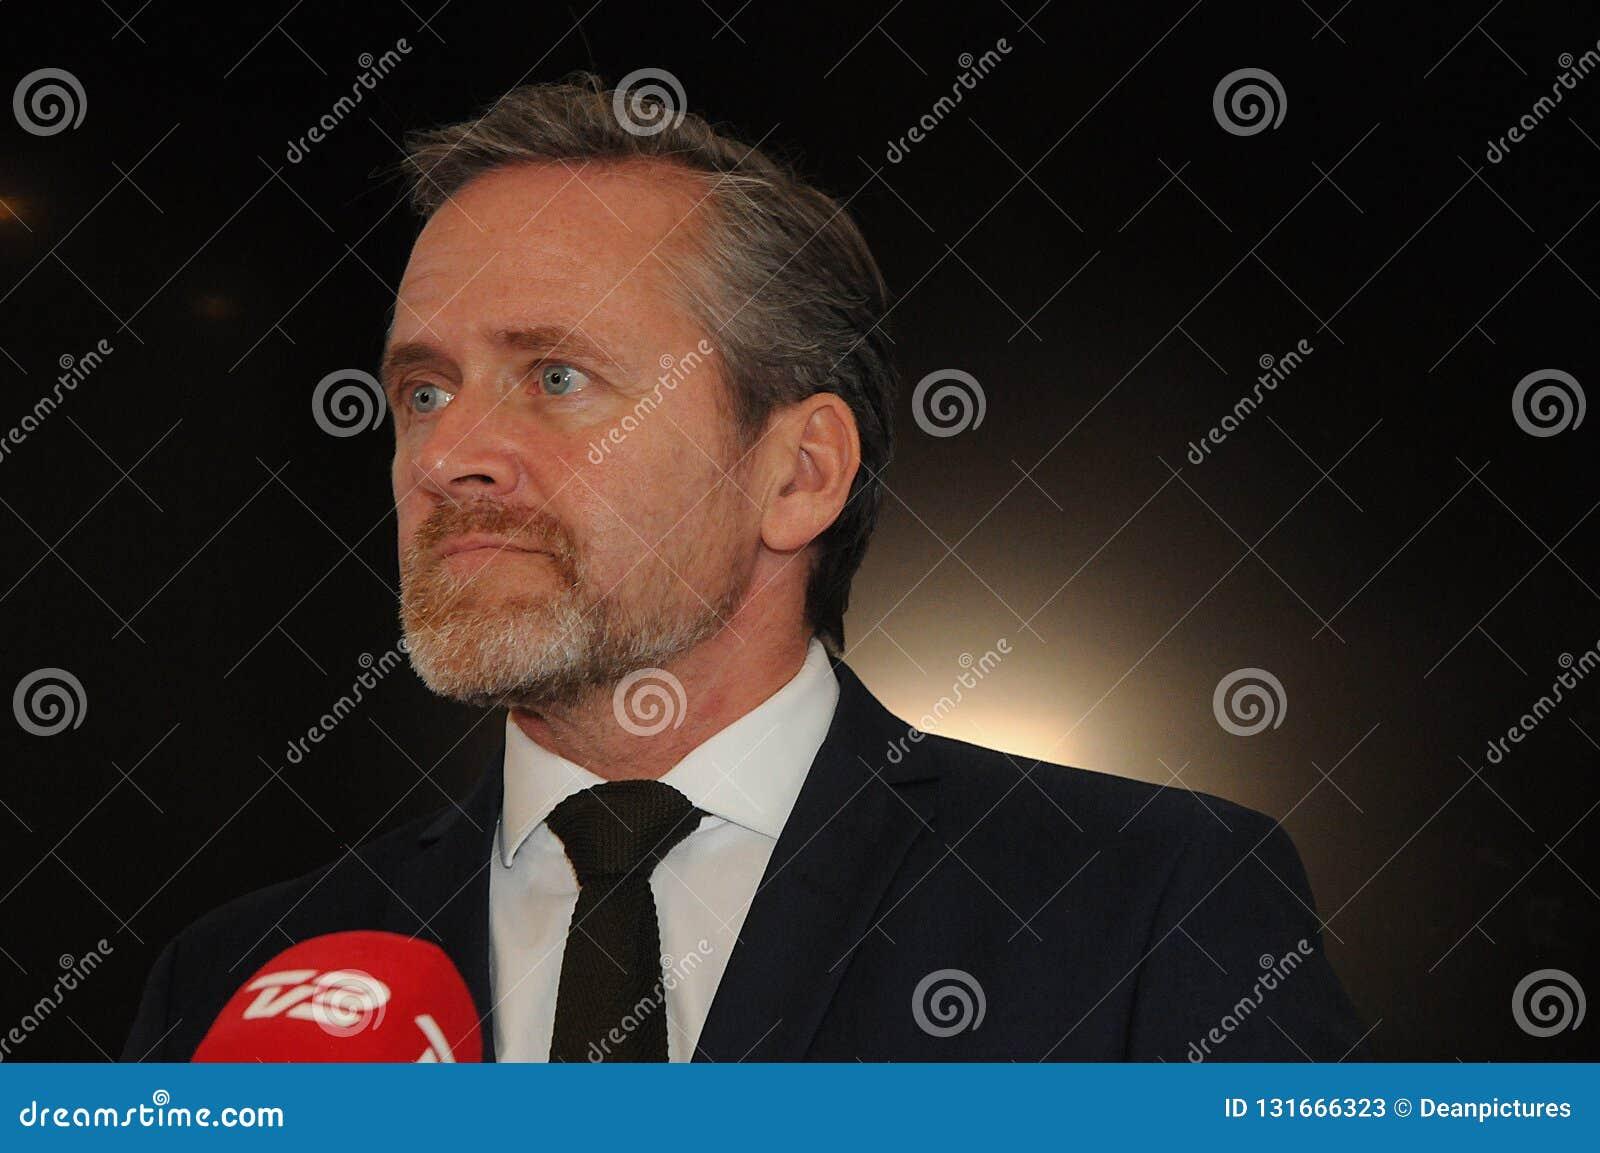 Κοπεγχάγη/Δανία 15 Το Νοέμβριο του 2018 Δανικός υπουργός του Anders Samuelsen τριών υπουργών της Δανίας ξένου - Υπουργός υποθέσεω